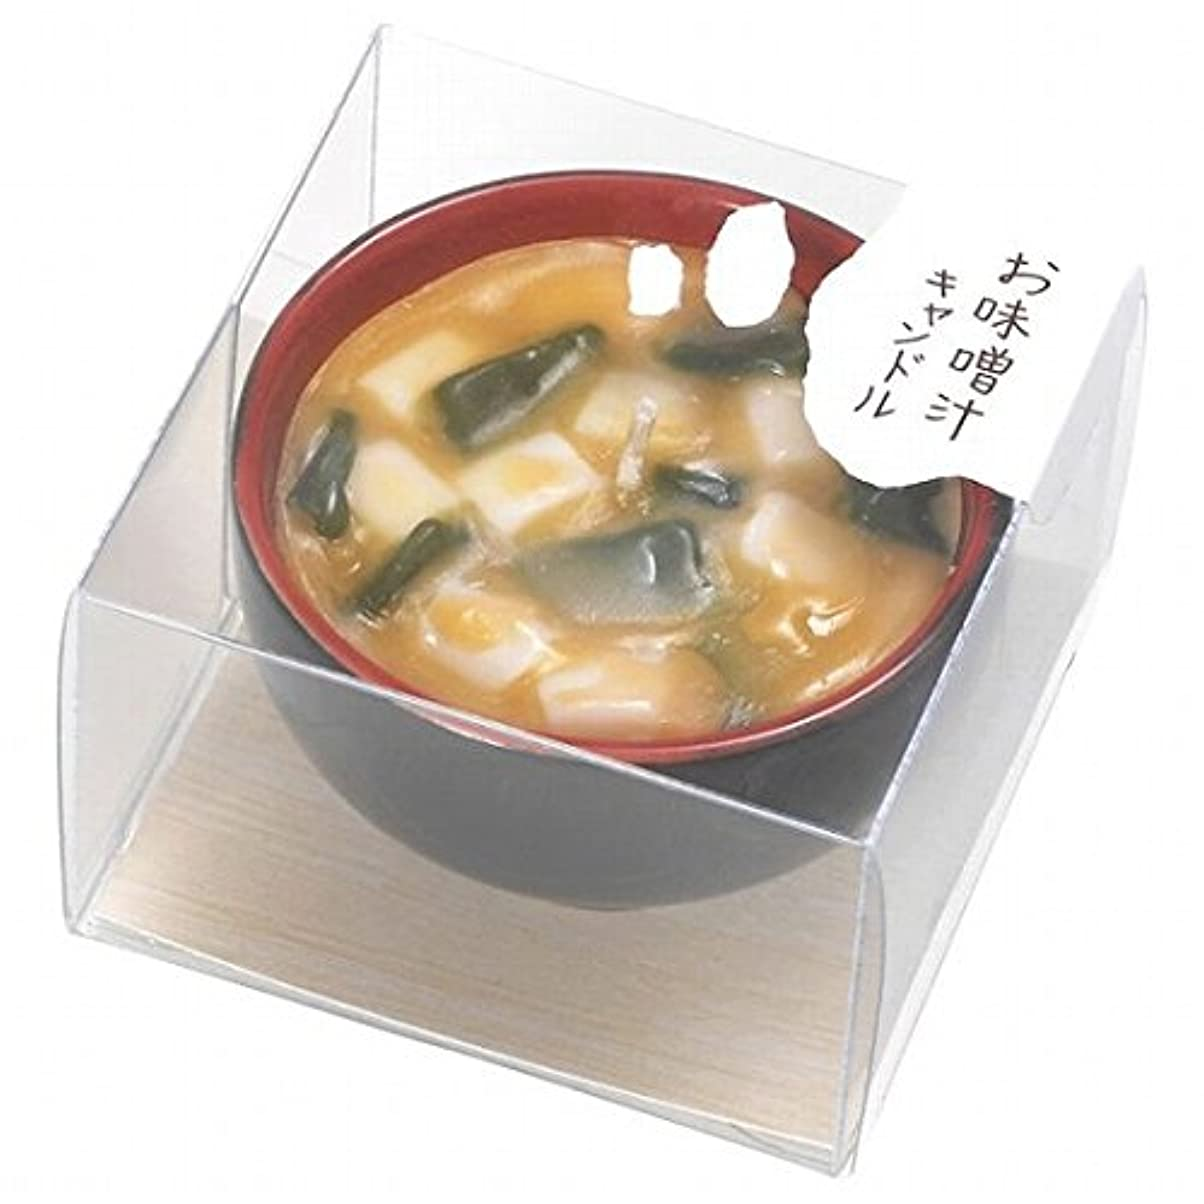 剥離マーカー持っているカメヤマキャンドル(kameyama candle) お味噌汁キャンドル